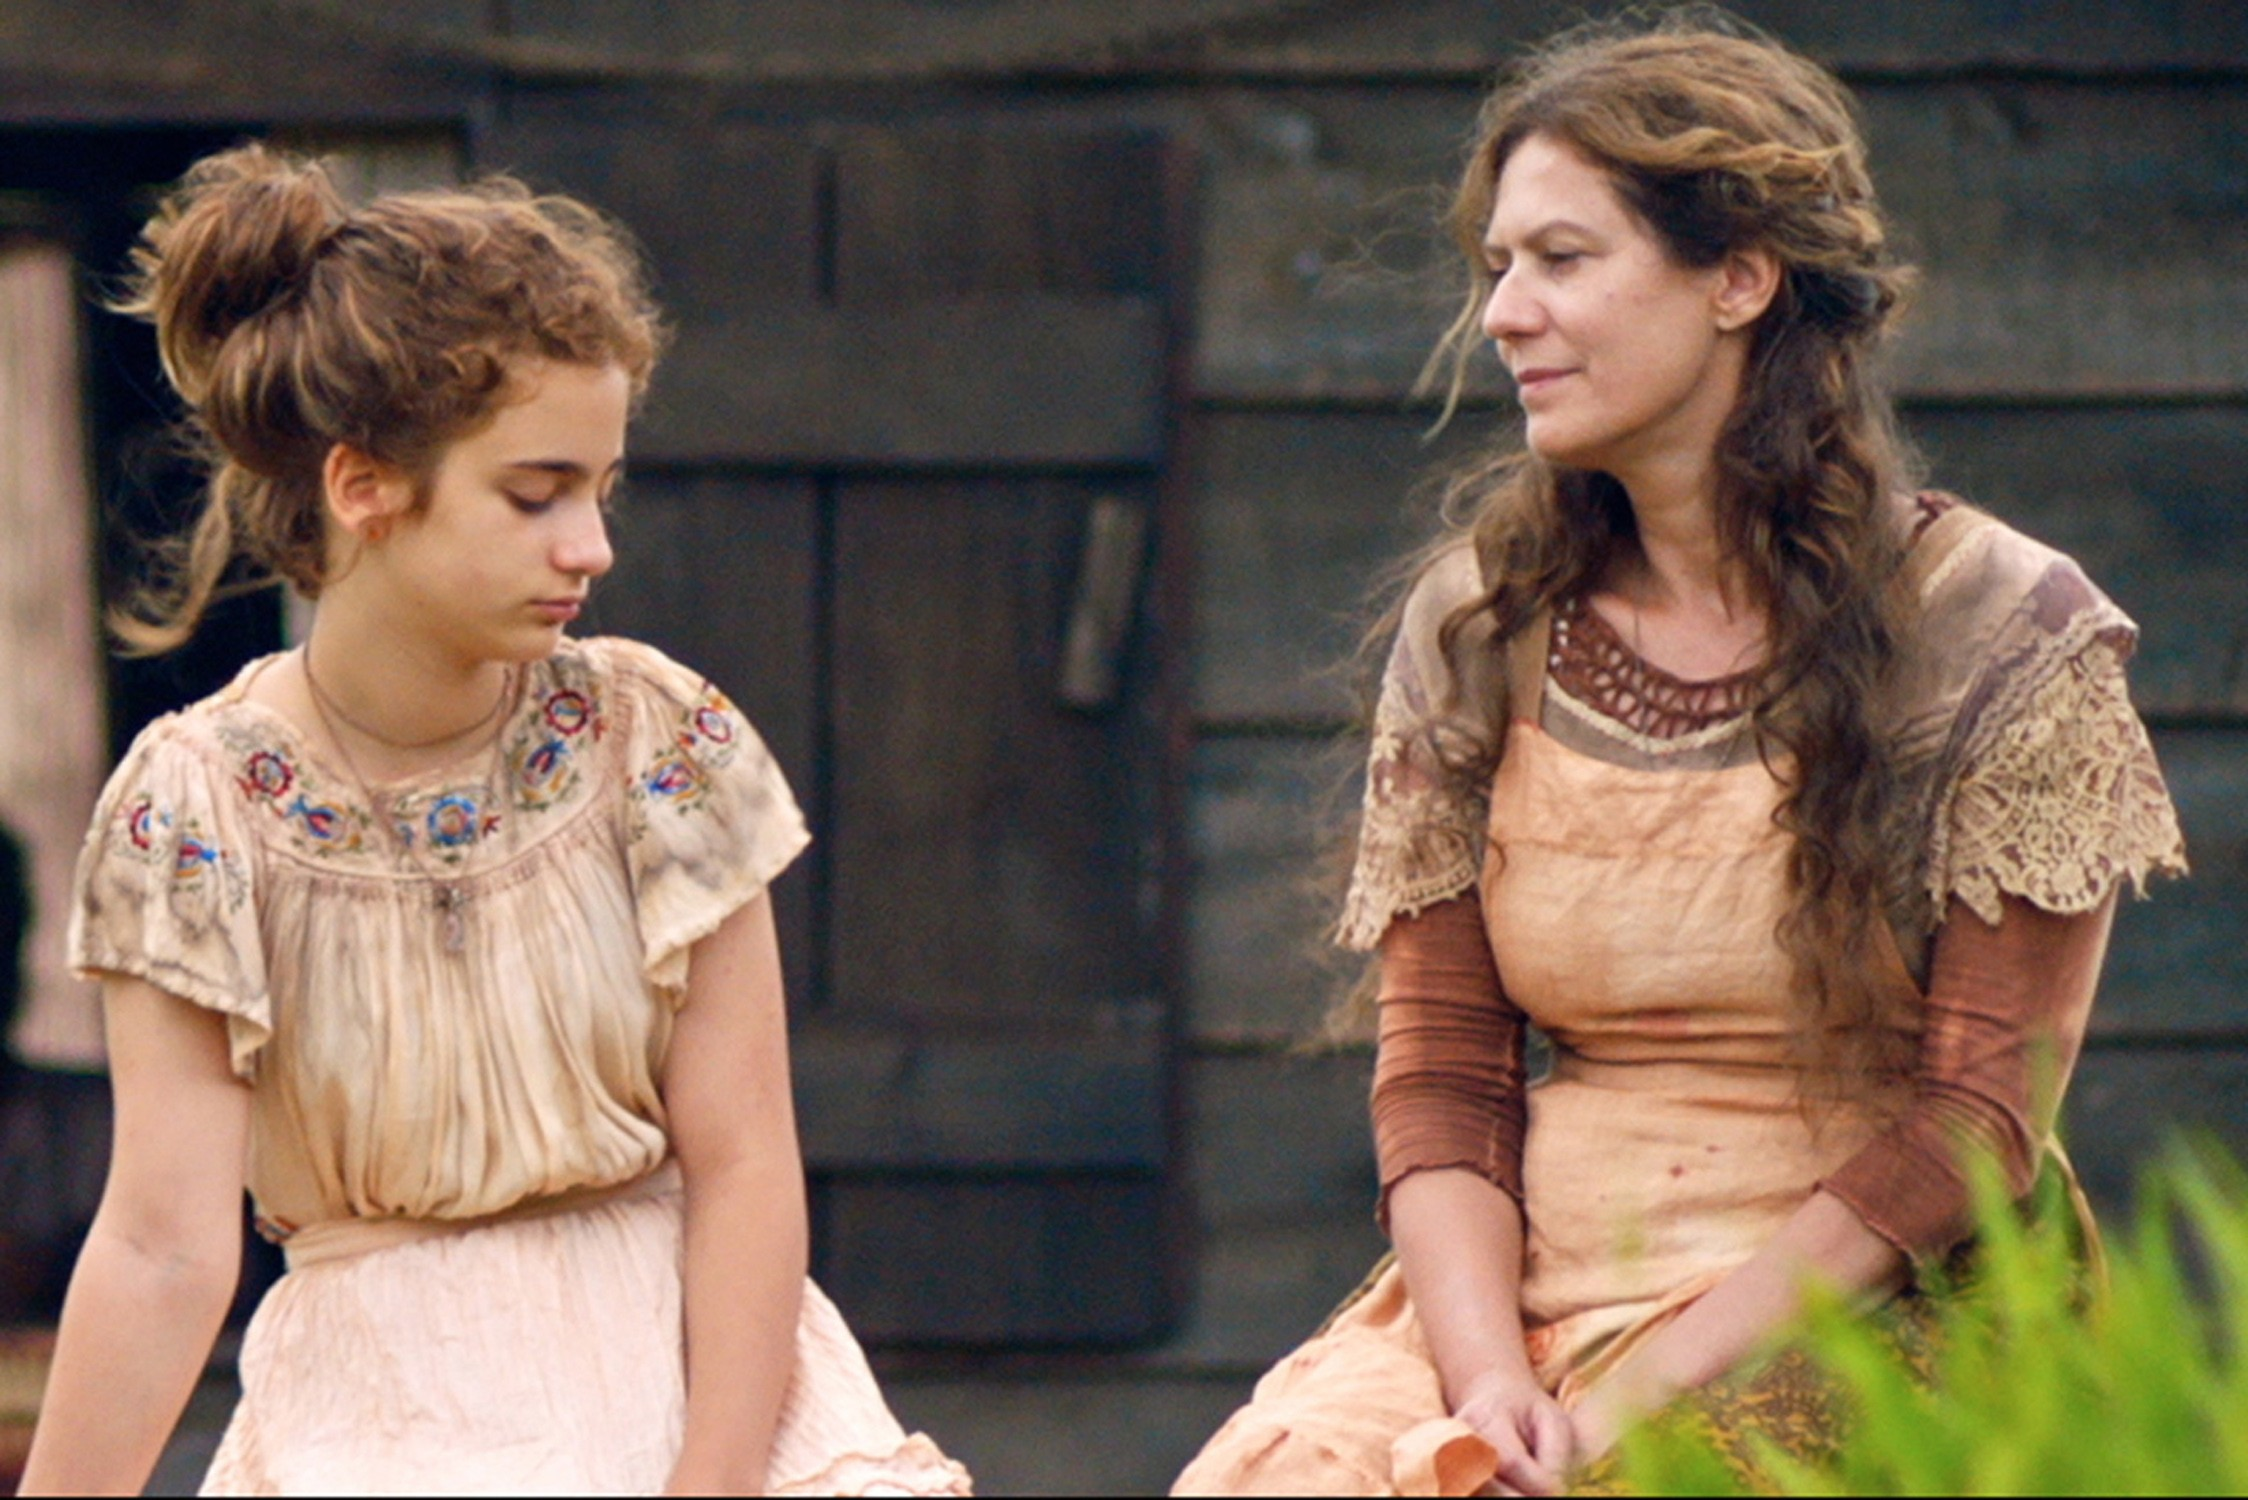 Barbara Luz e Patrícia Pillar em cena de Unicórnio (Foto: Zeca Miranda / Divulgação)